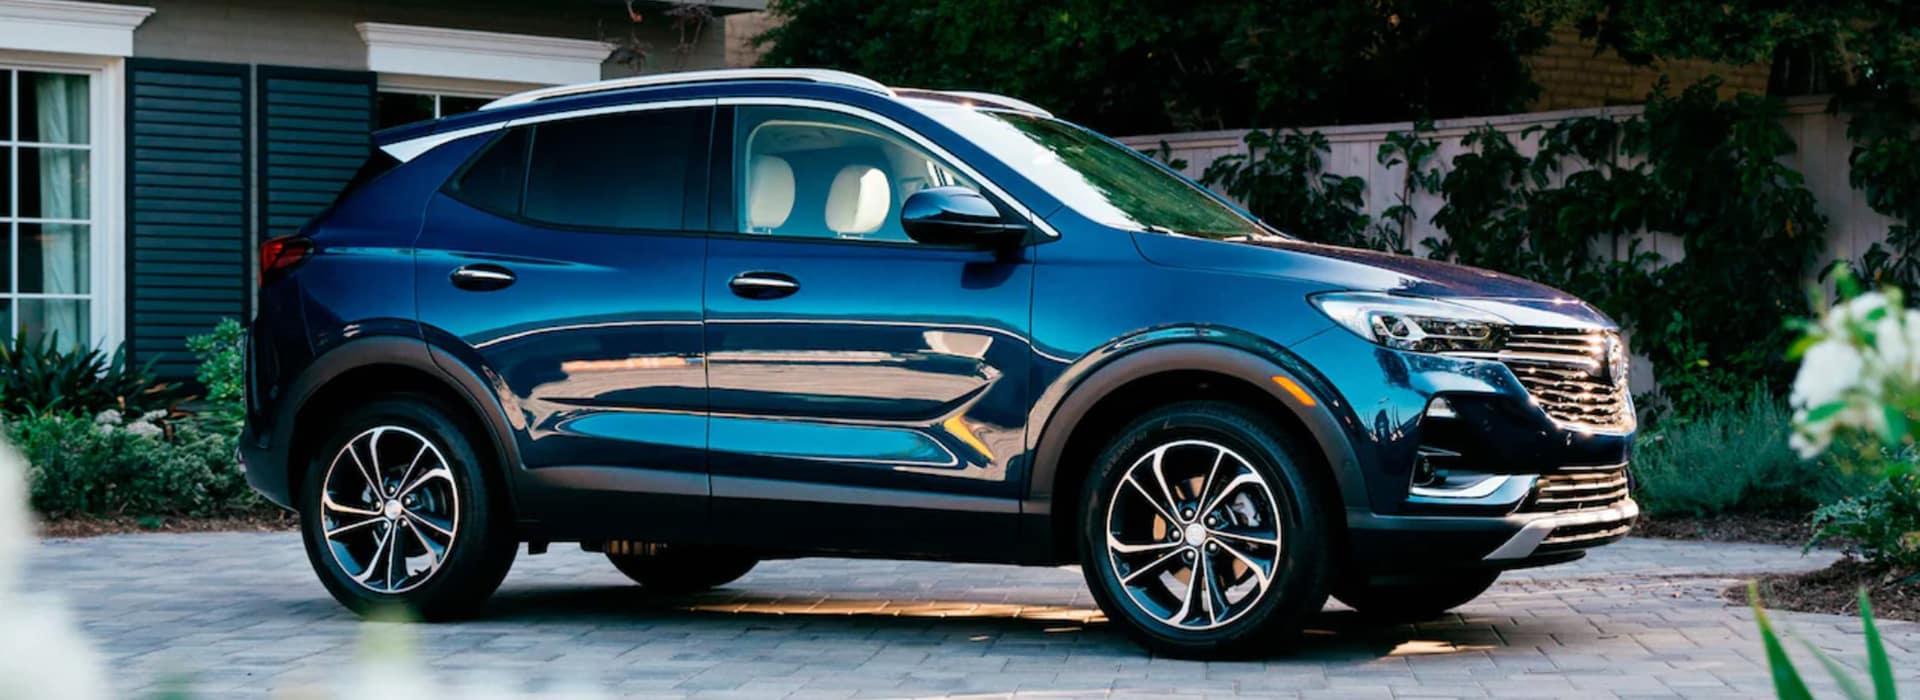 2021 Buick Encore GX near St. Louis